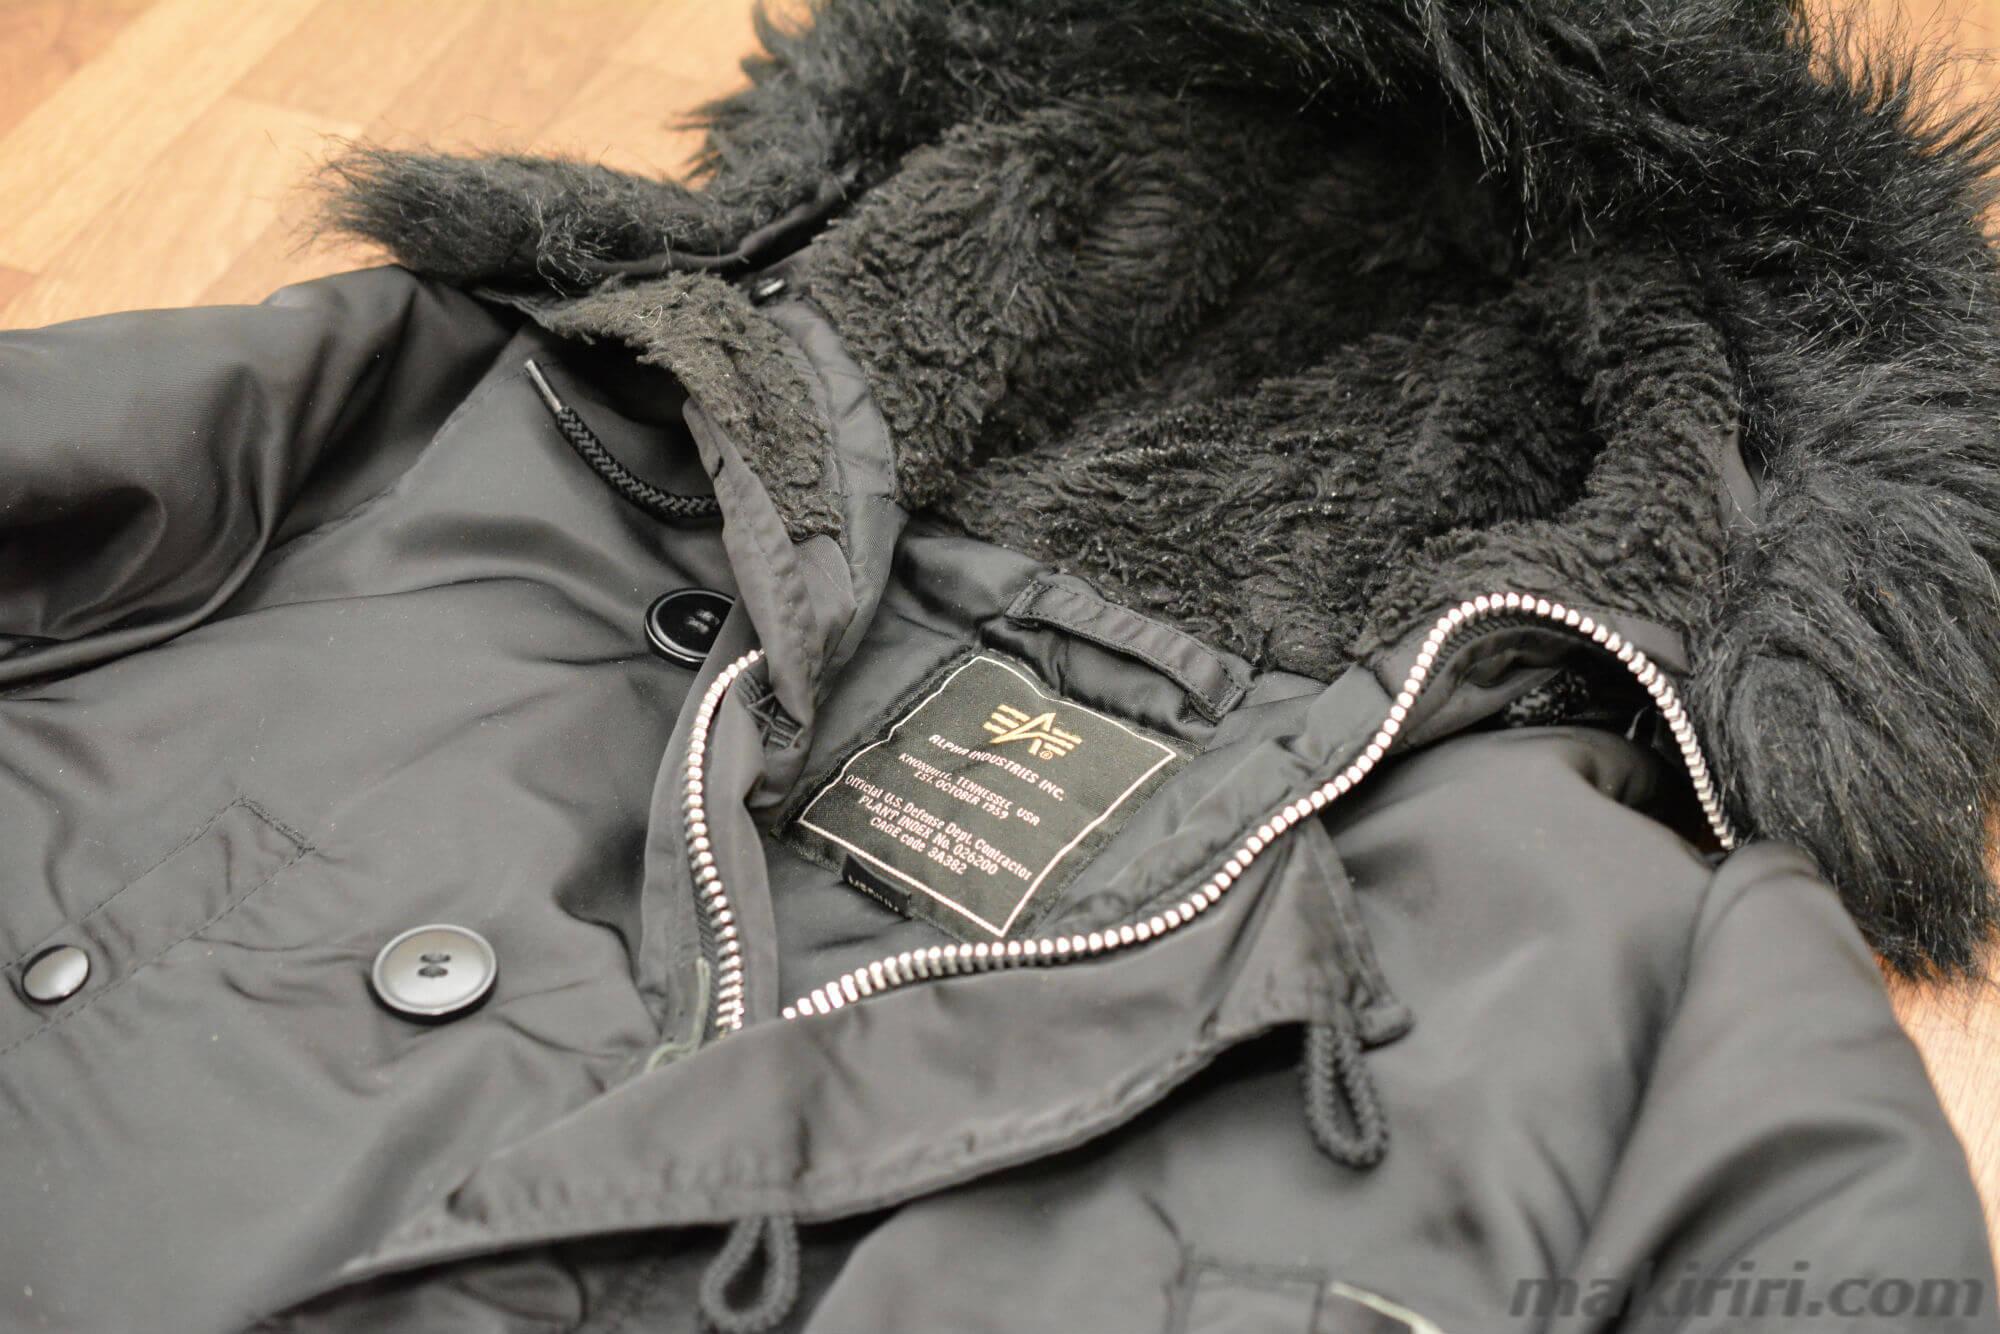 N-3Bジャケットとは?メンズコーデの着こなし方やおすすめのN-3Bジャケットを紹介!